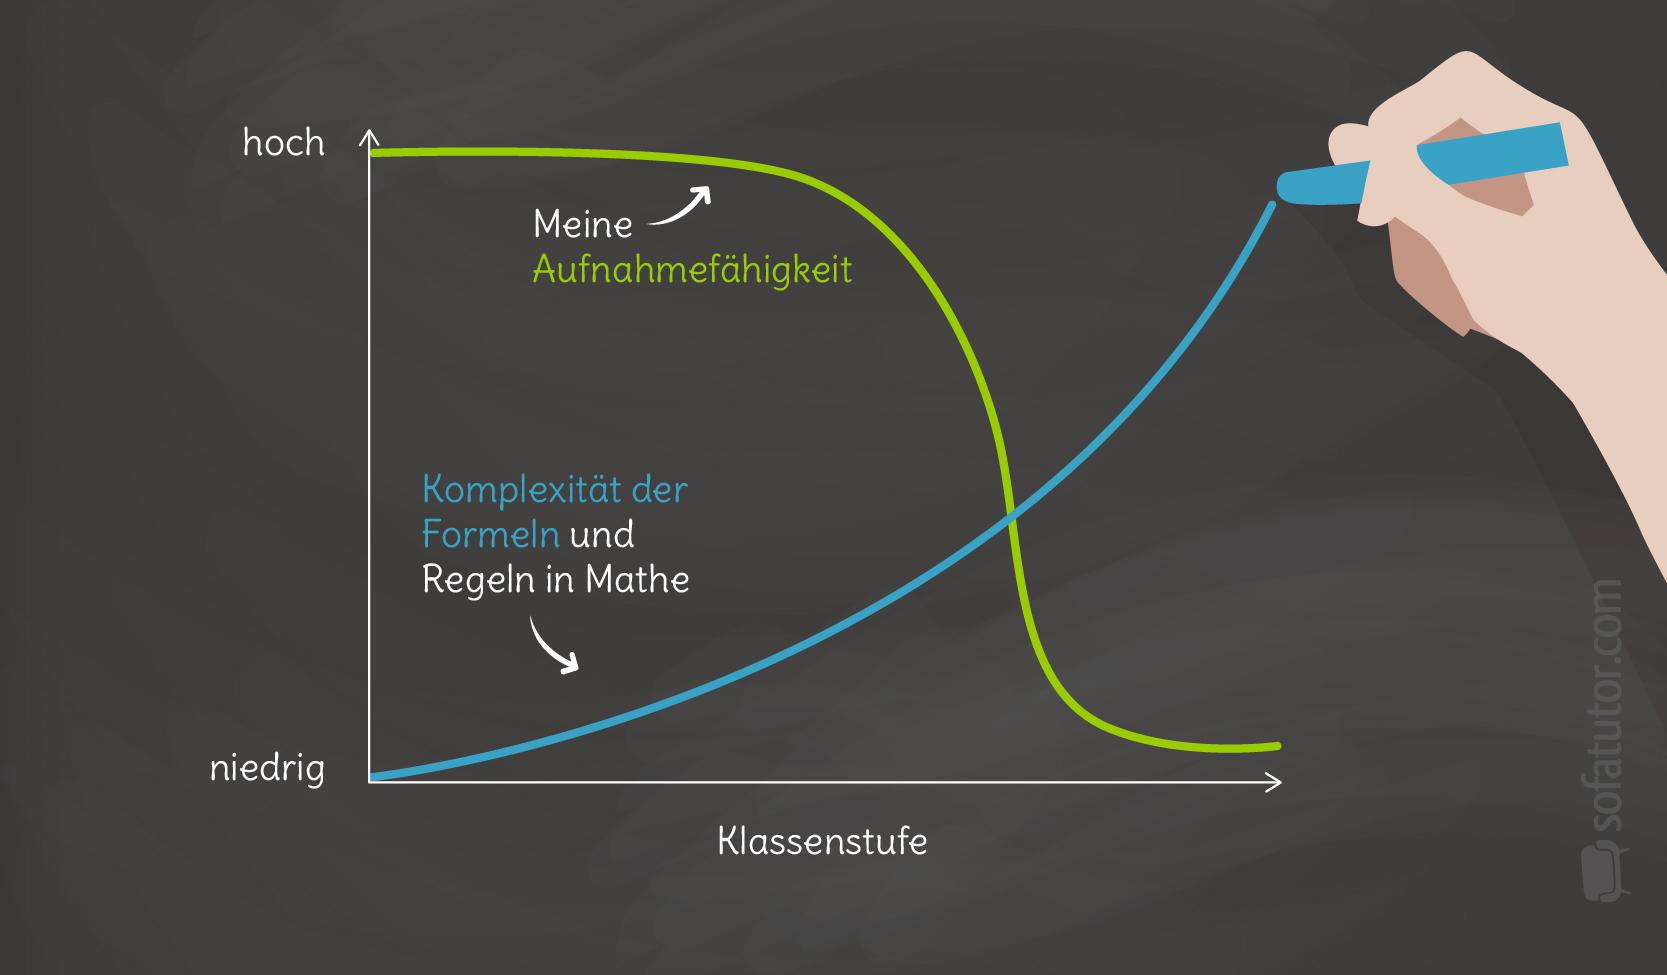 Mathe-Graphen-Alltag-Aufnahmefahigkeit_Verstehen_Unterricht